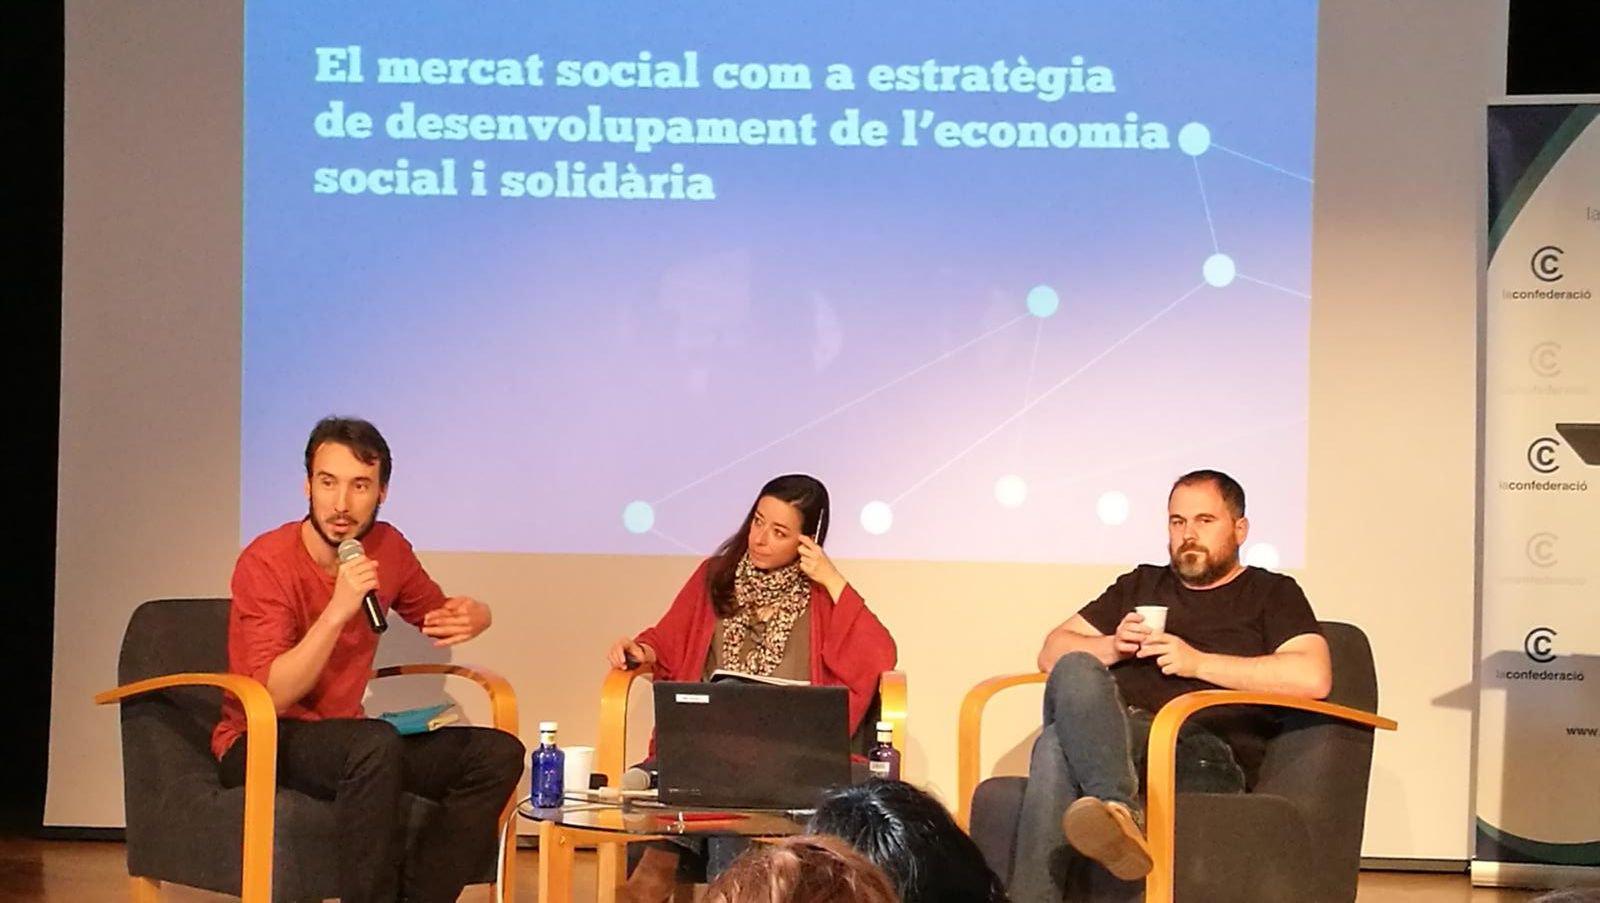 Jornada El Mercat Social Al Tercer Sector Social De Catalunya